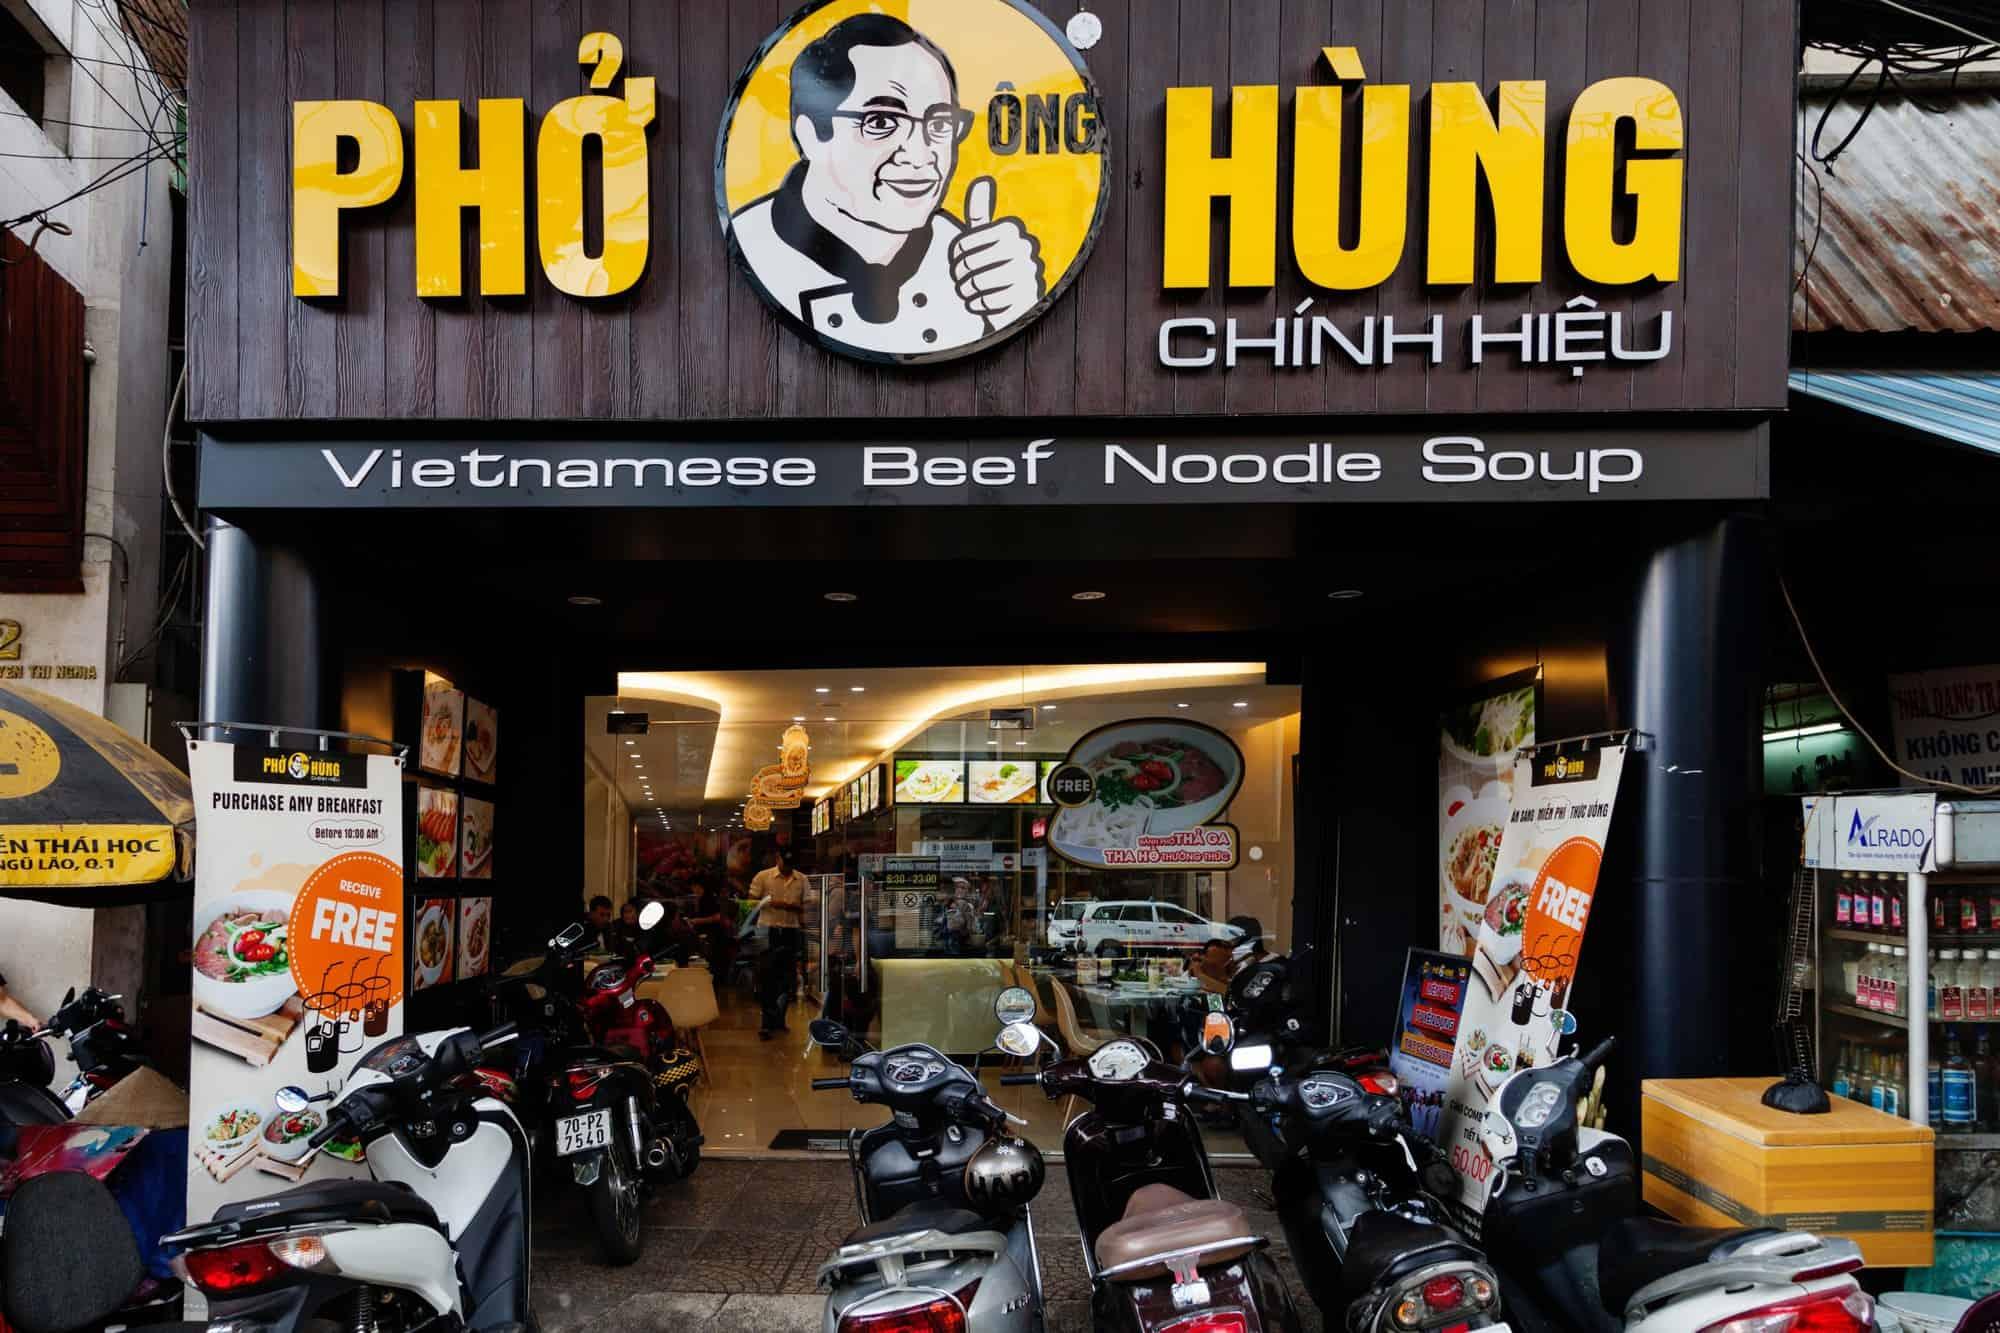 đặt tên nhà hàng theo tên cá nhân